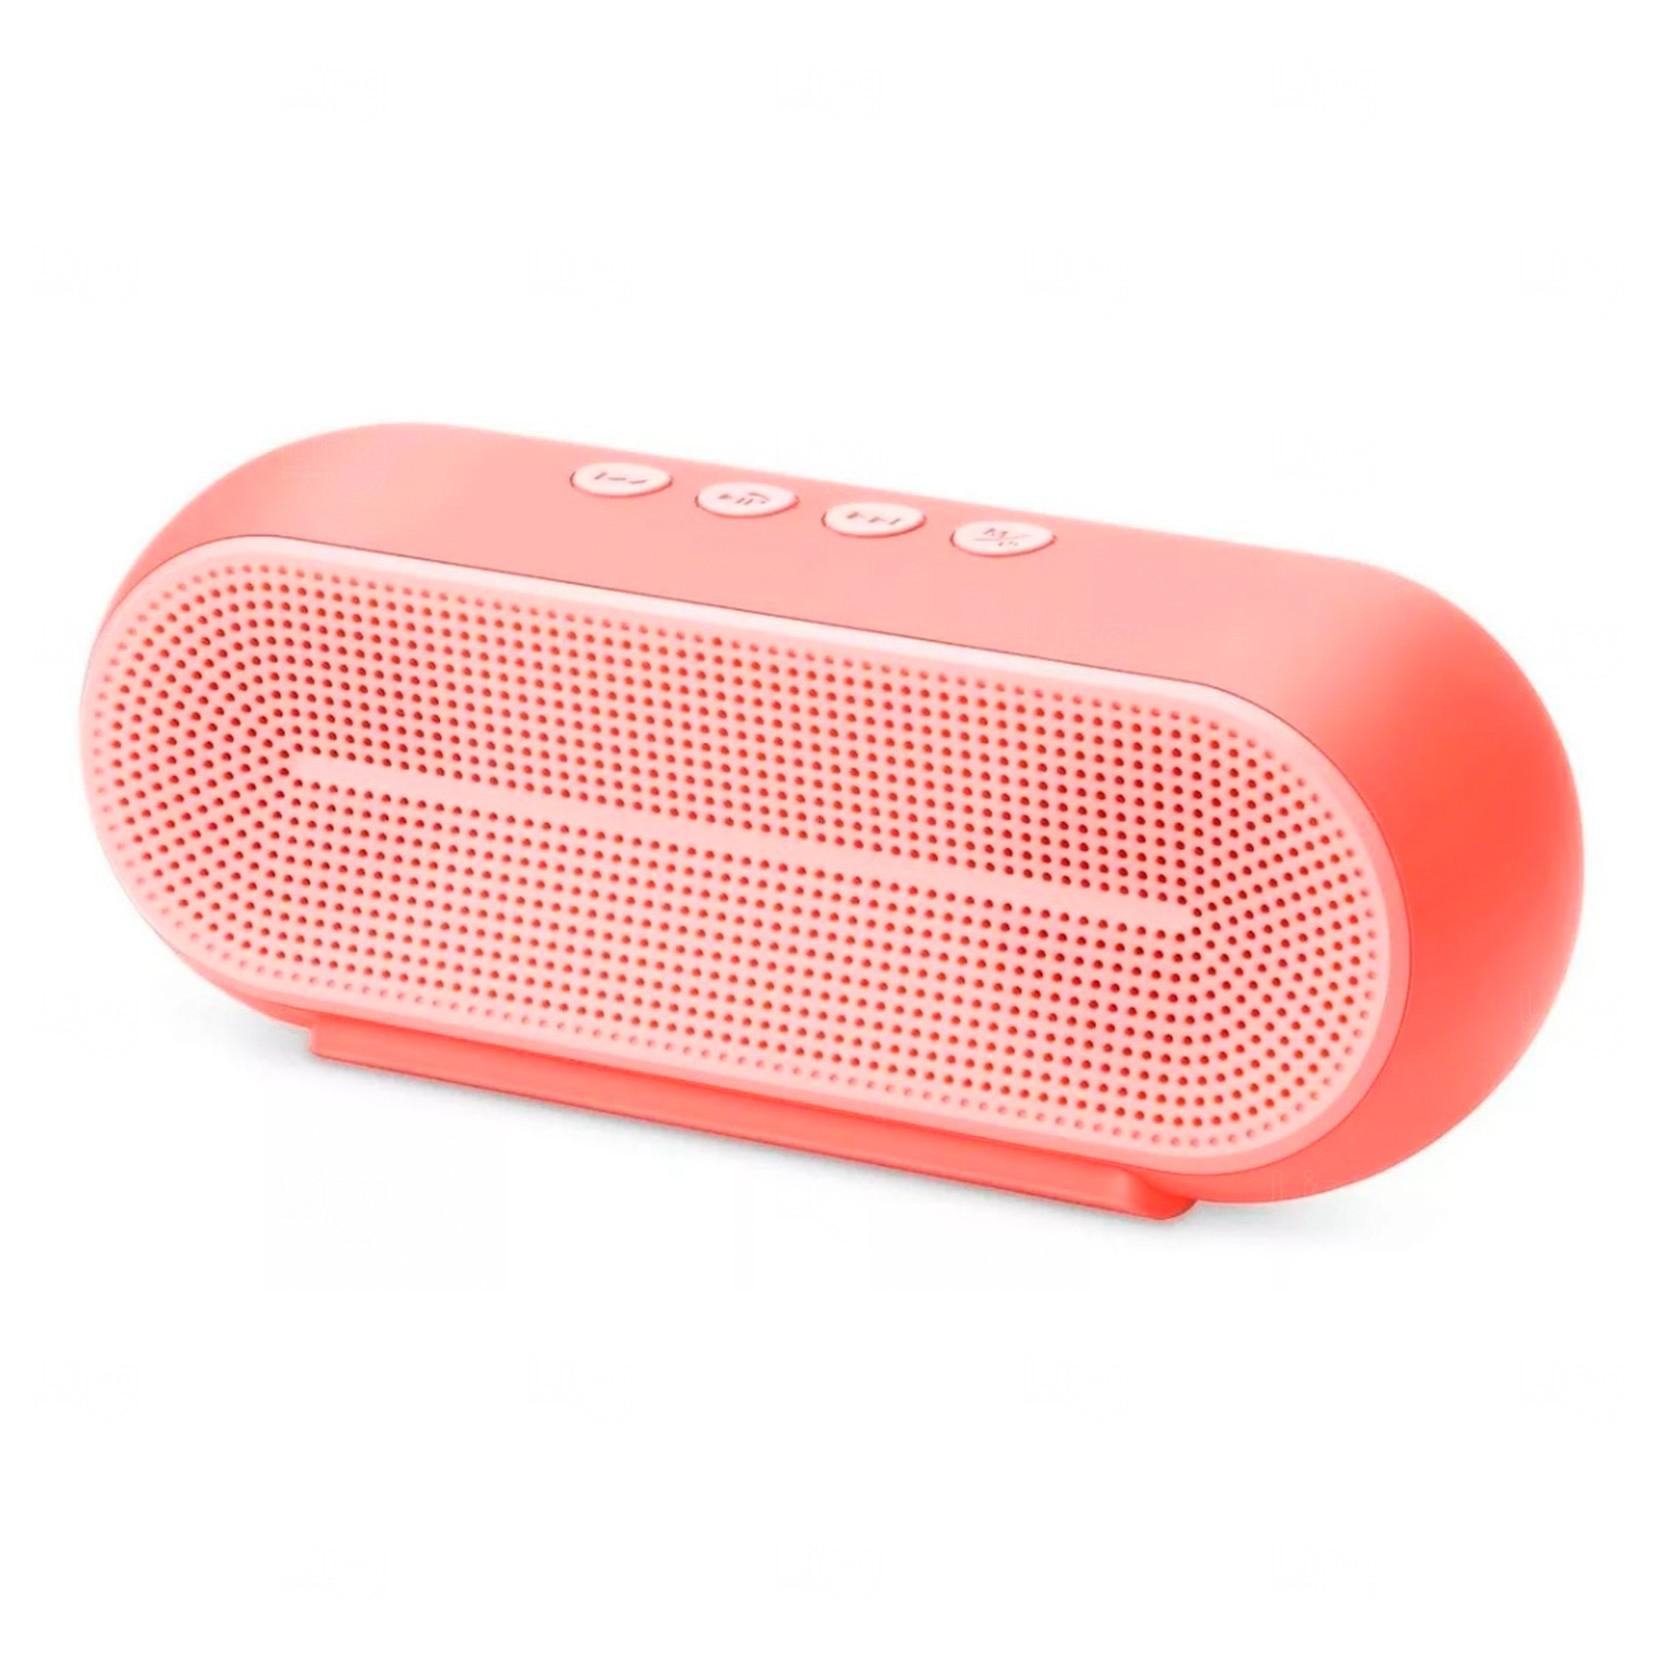 Caixa De Som Bluetooth Personalizada Rosa Claro